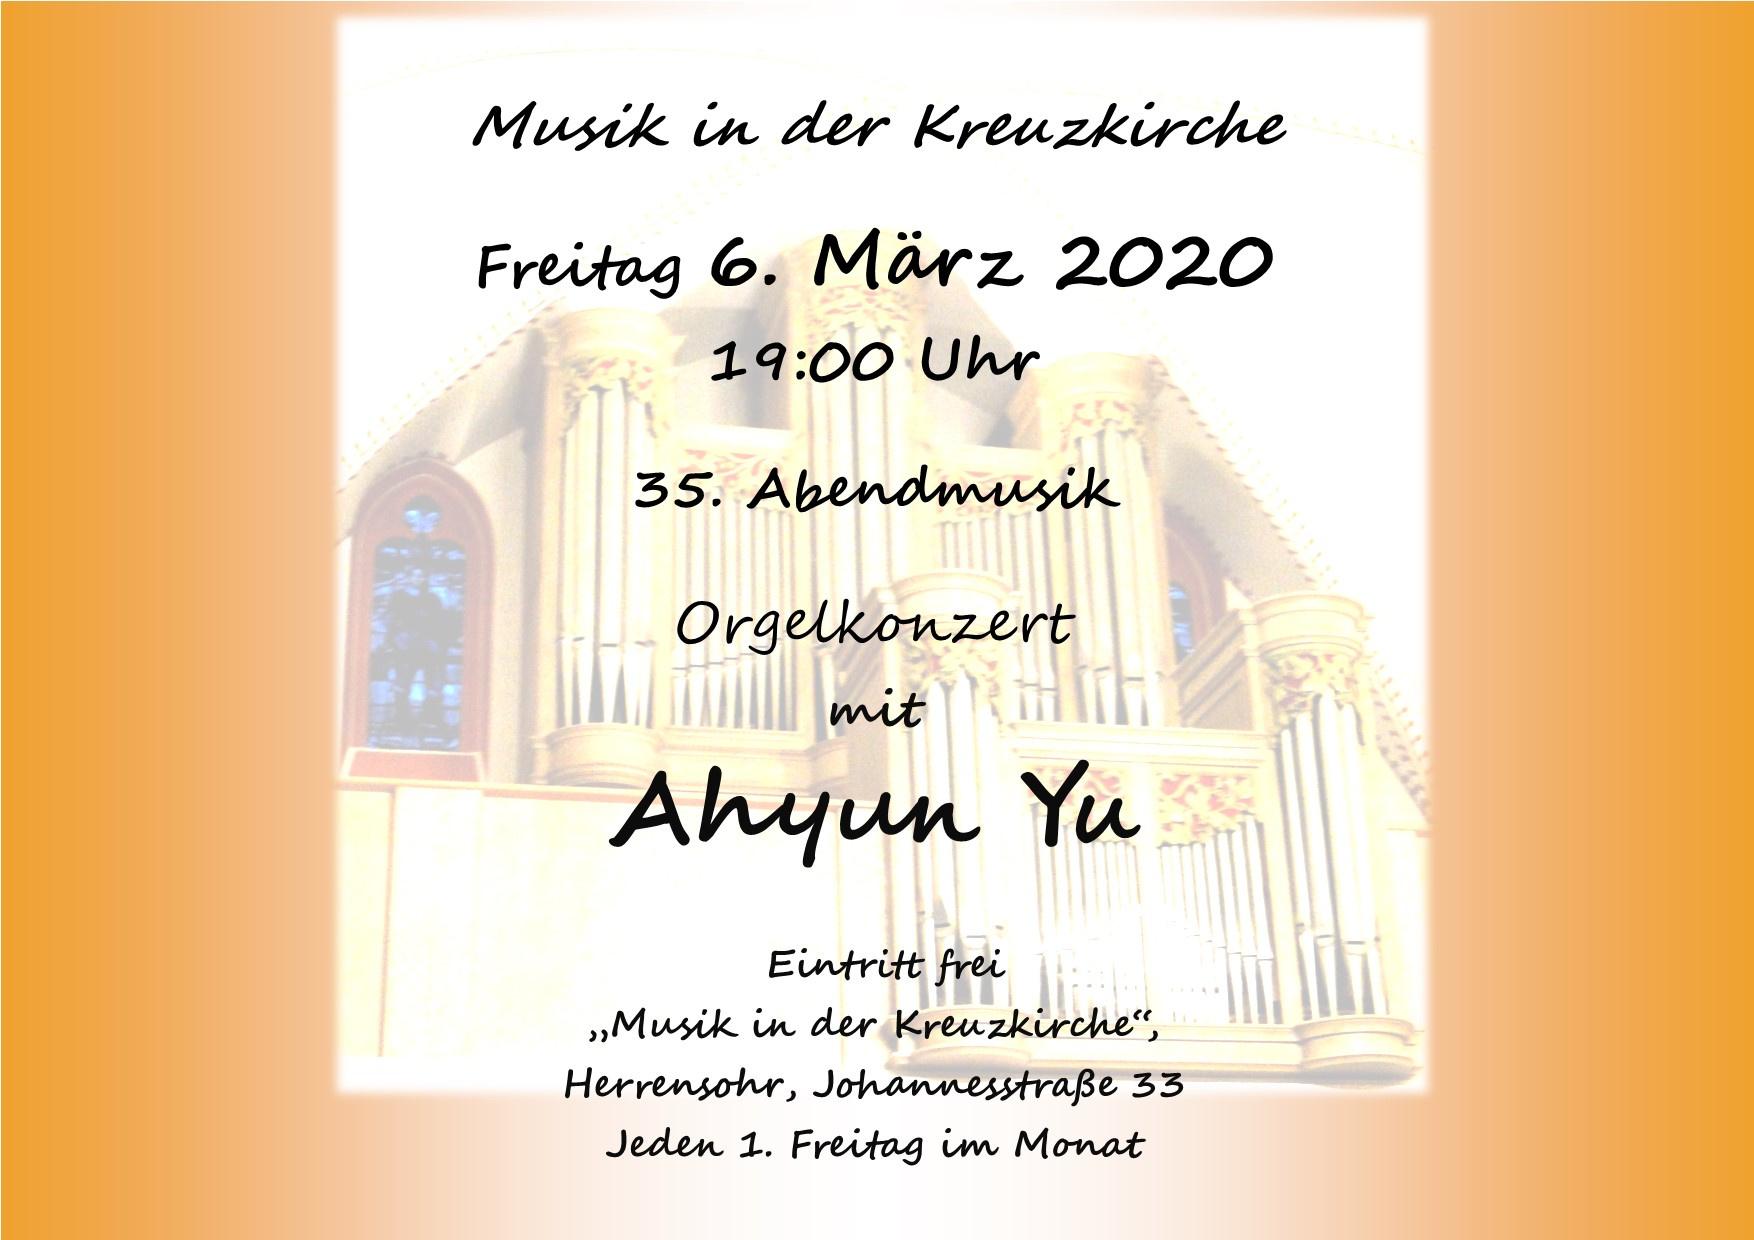 35. Abendmusik in der Kreuzkirche